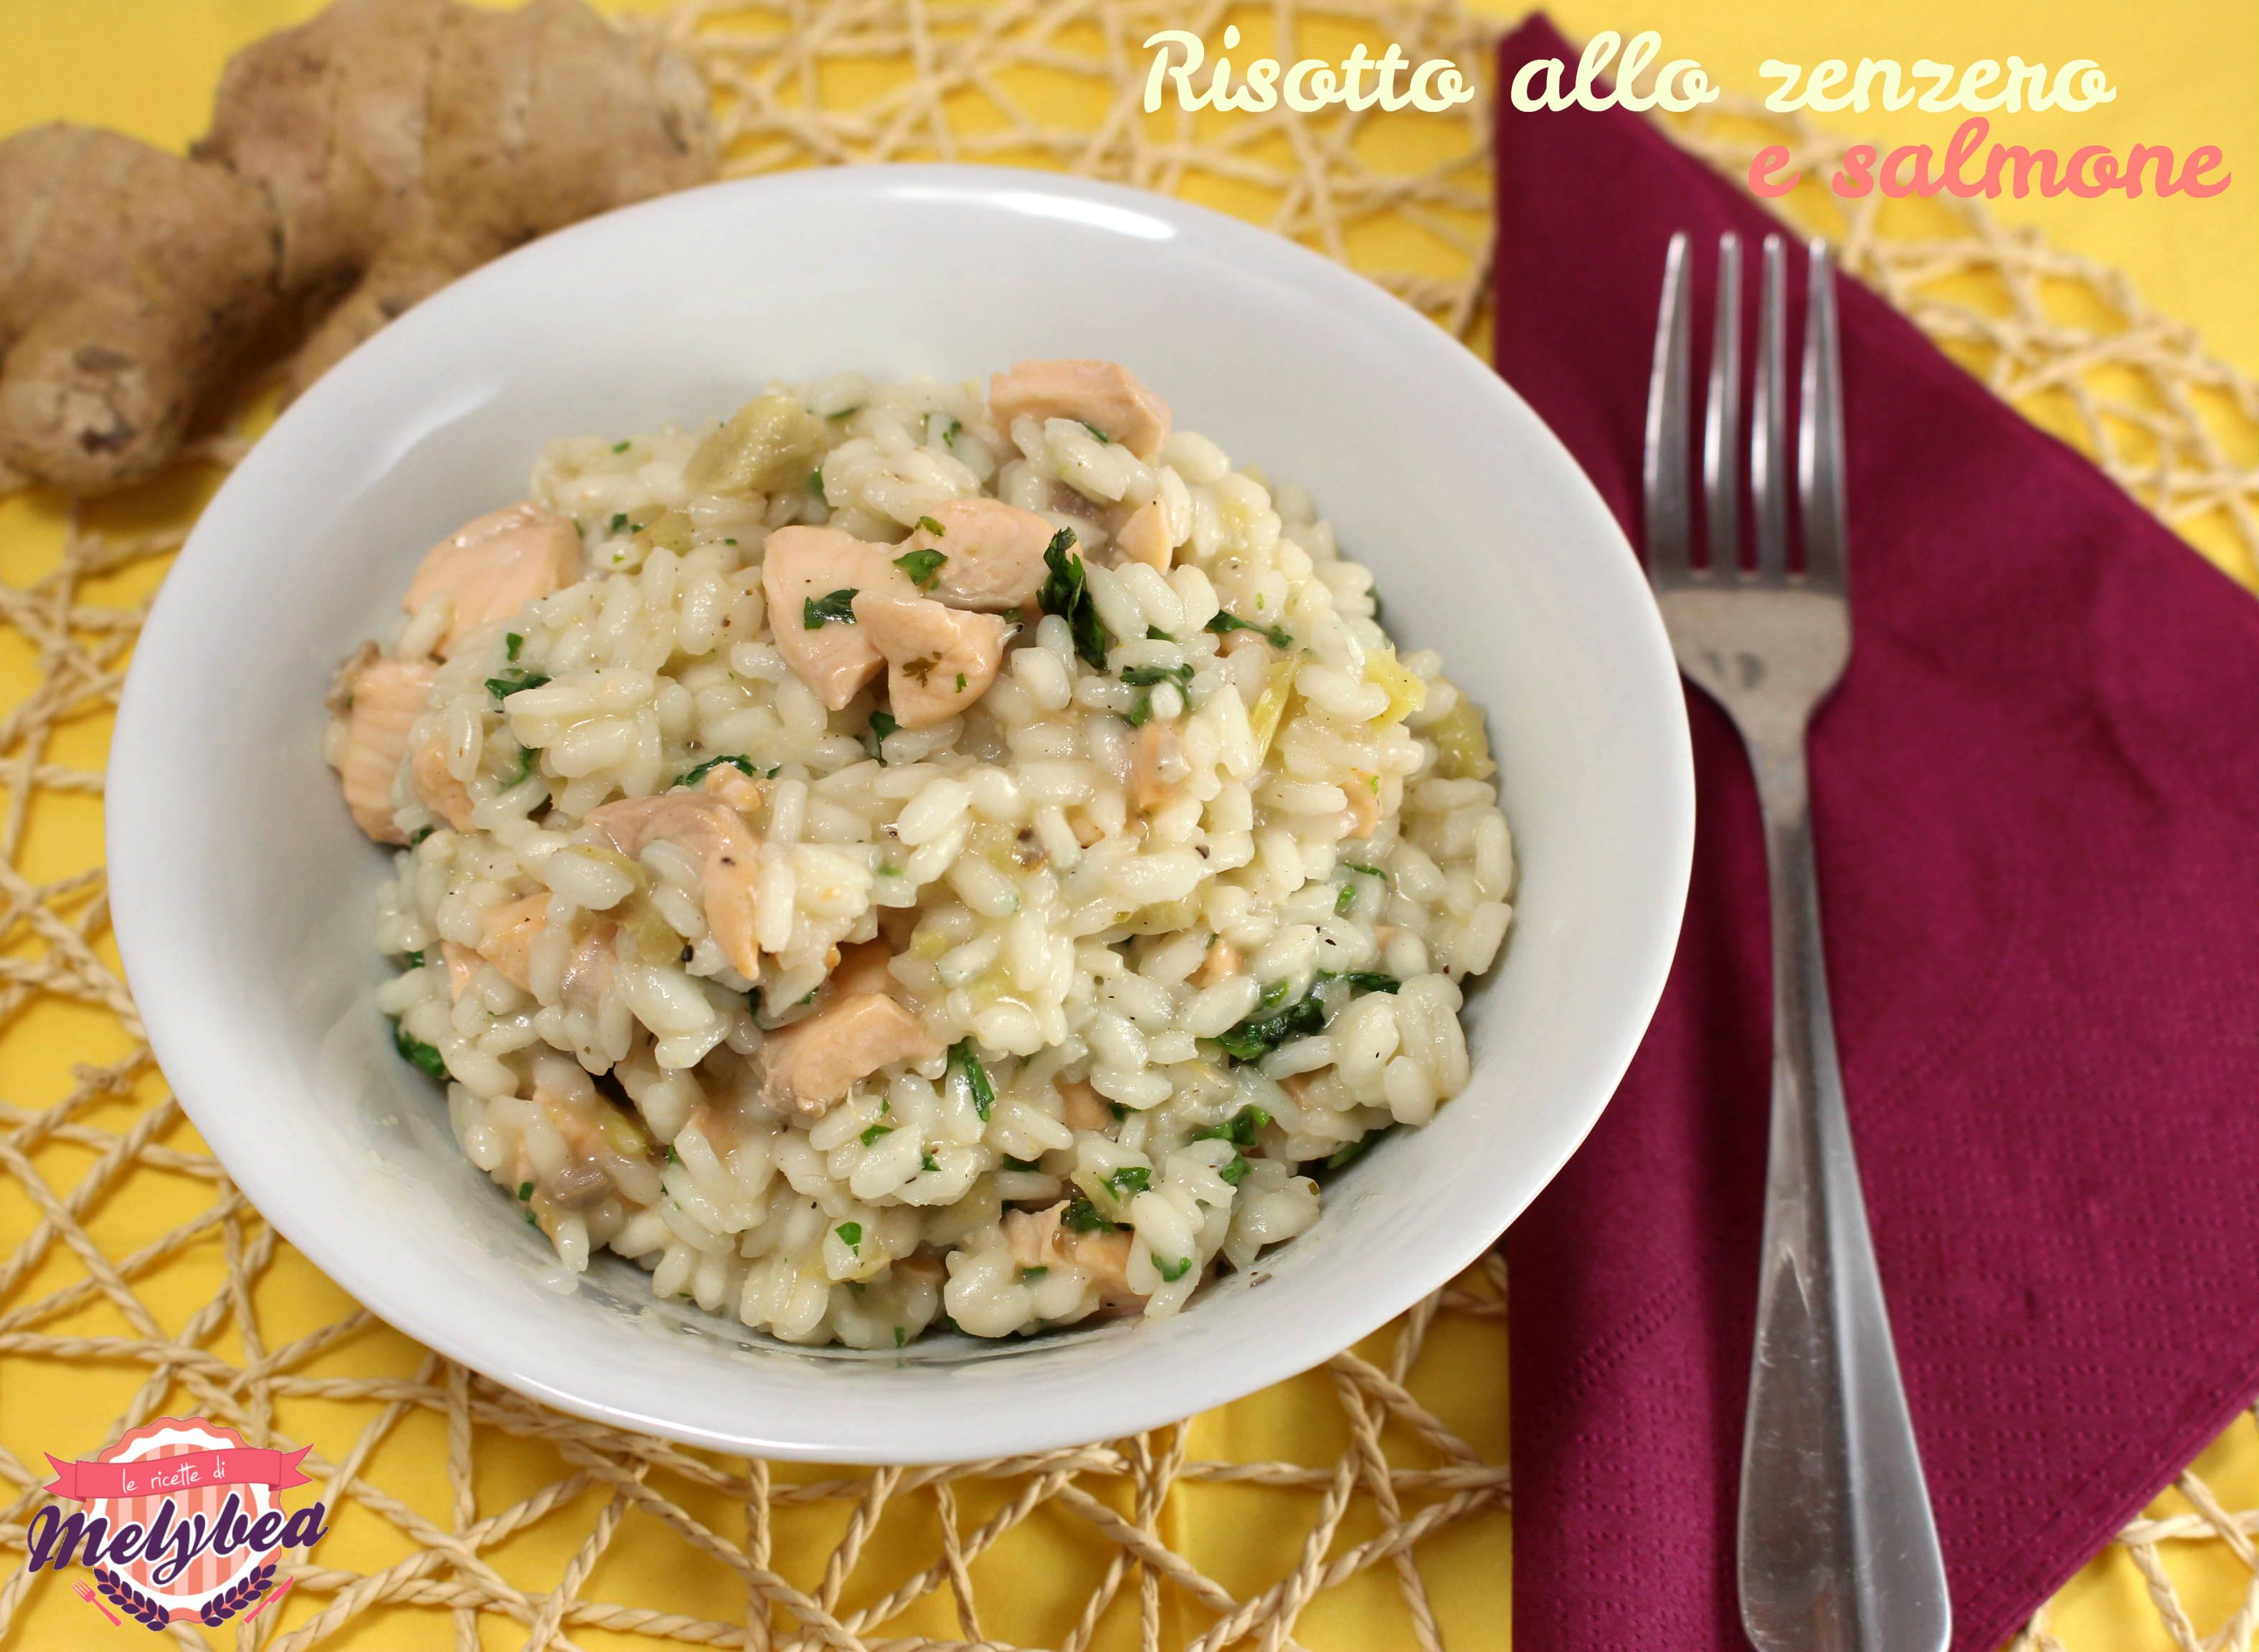 Risotto allo zenzero e salmone le ricette di melybea for Cucinare zenzero